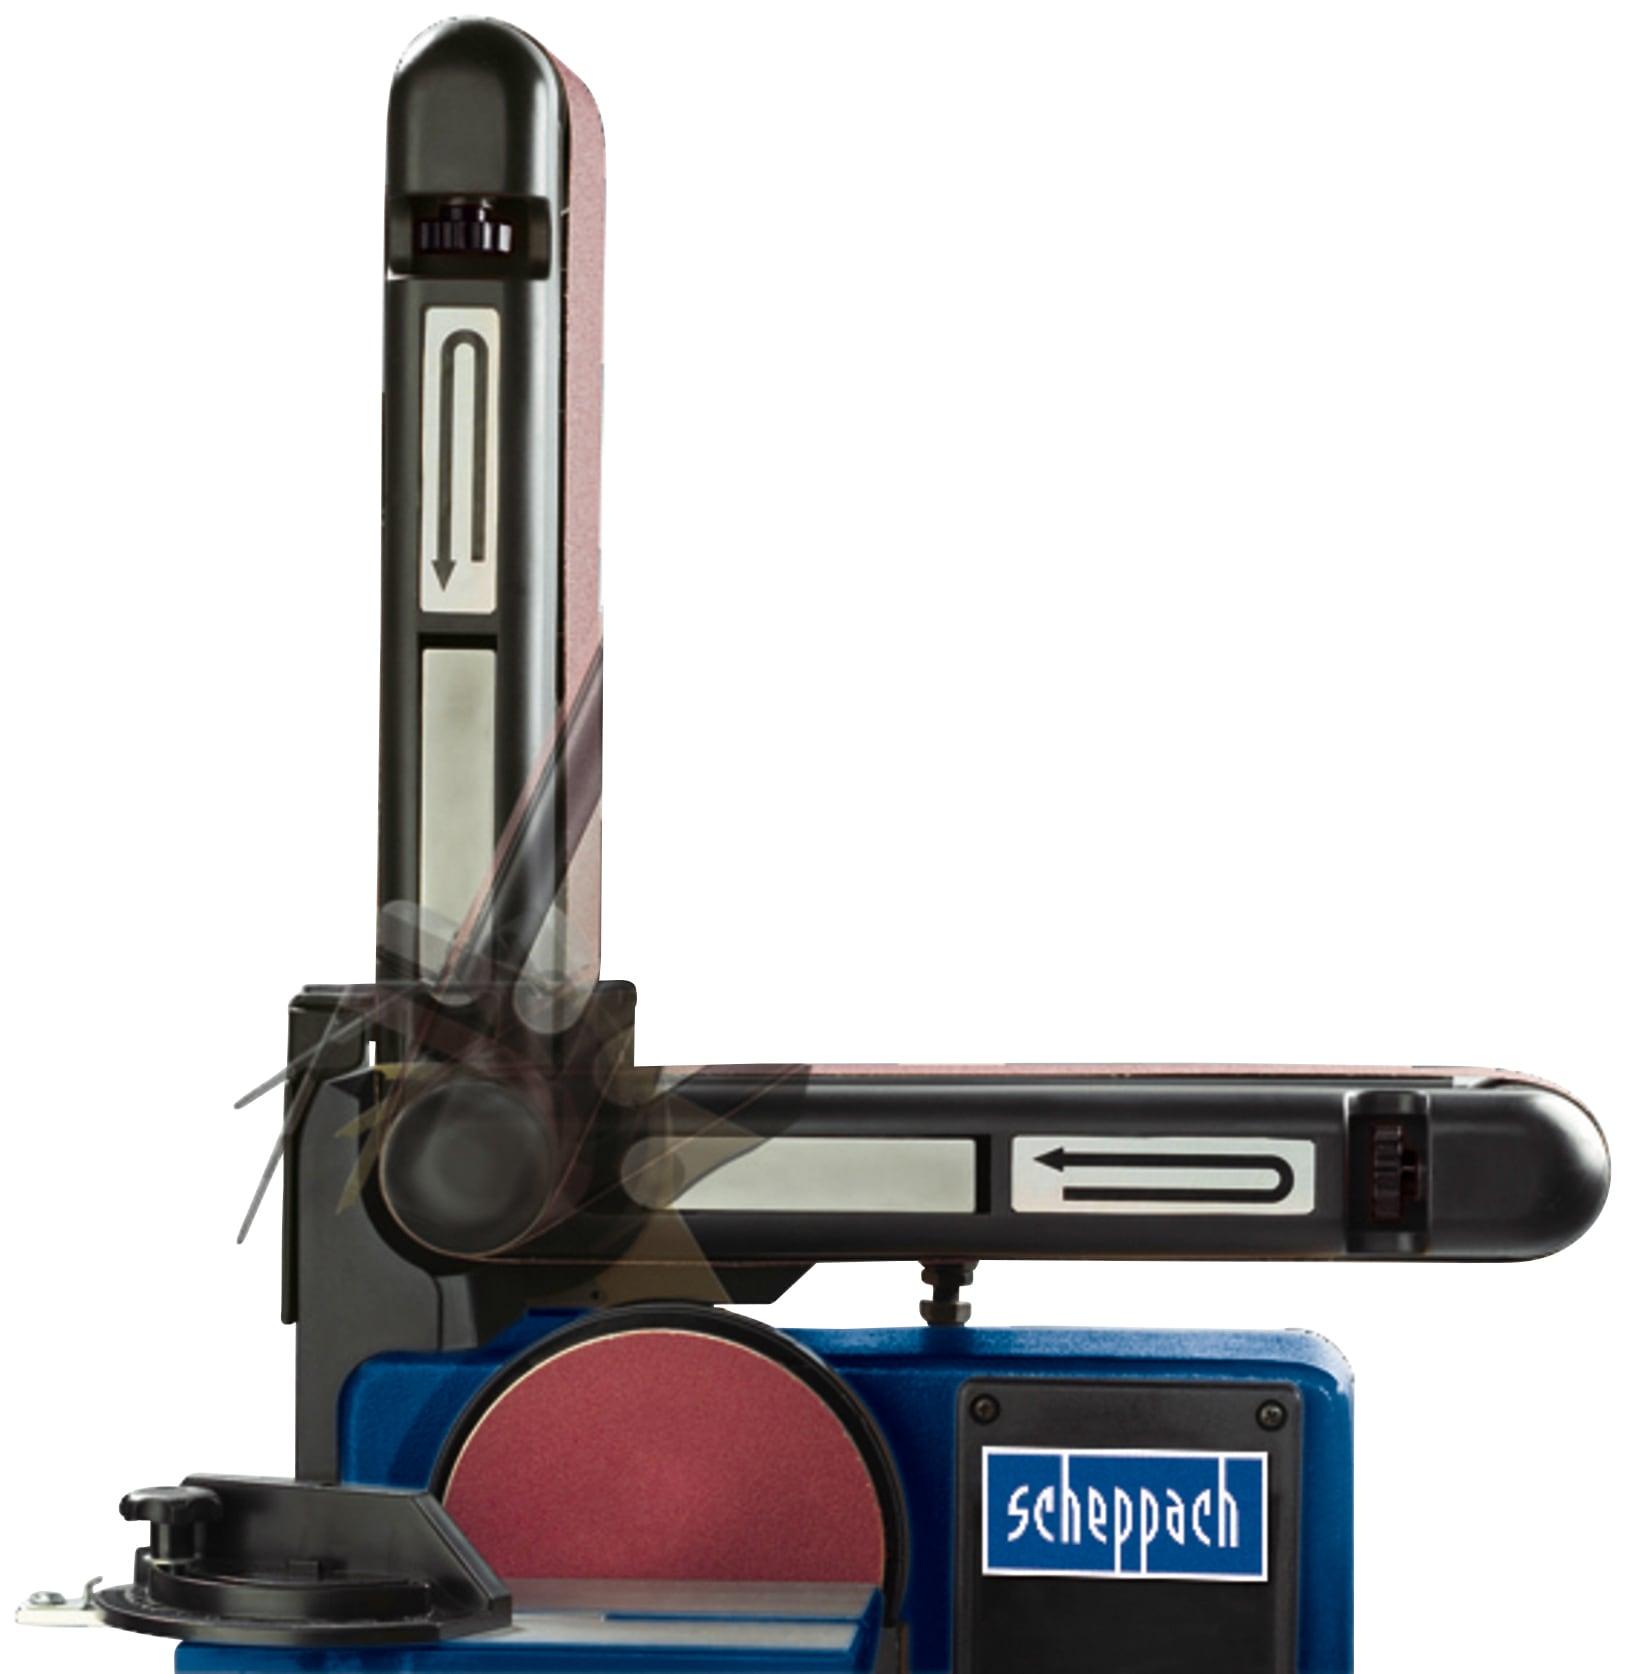 SCHEPPACH Band-Tellerschleifer »BTS800 «, 230-240V 50Hz - 150mm   Baumarkt > Werkzeug > Fräsen und Schleifer   Scheppach